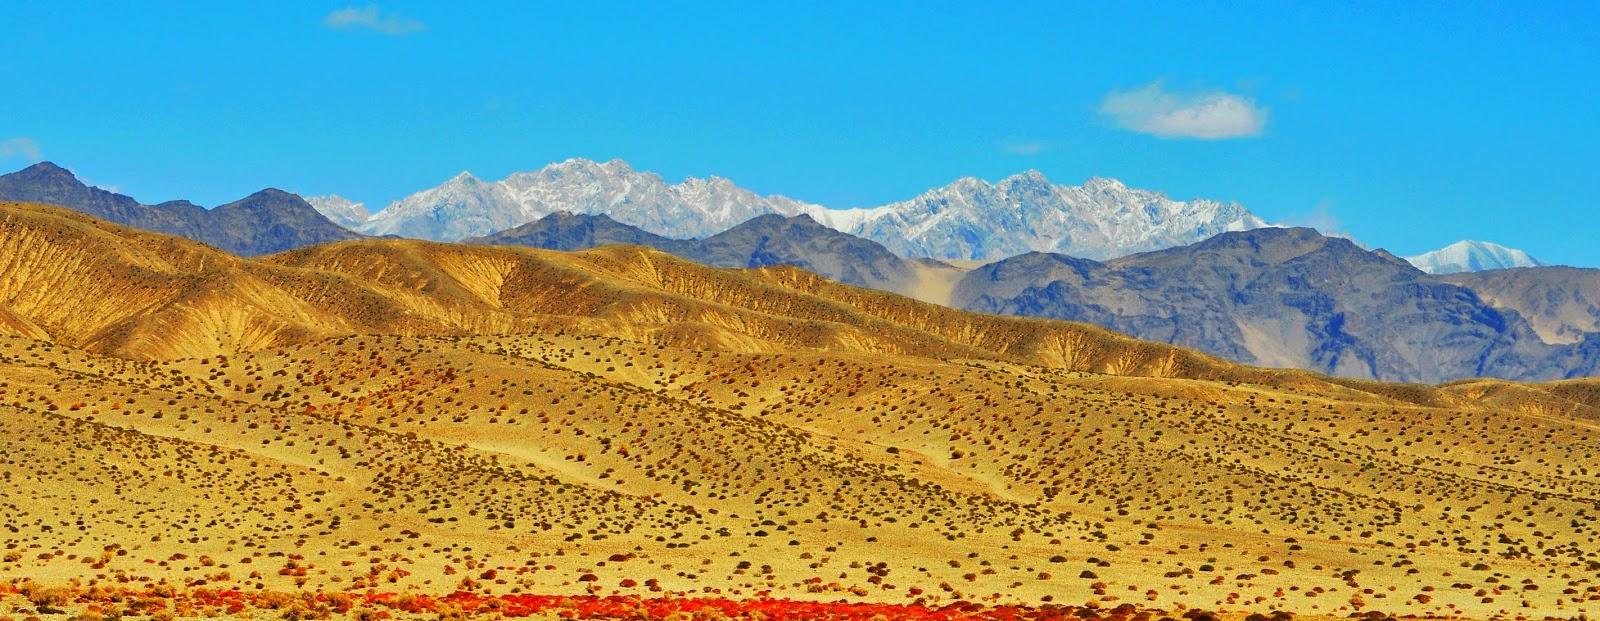 Qaidam Basin – The Mineral Rich Basin of China | China ...Qaidam Basin Map